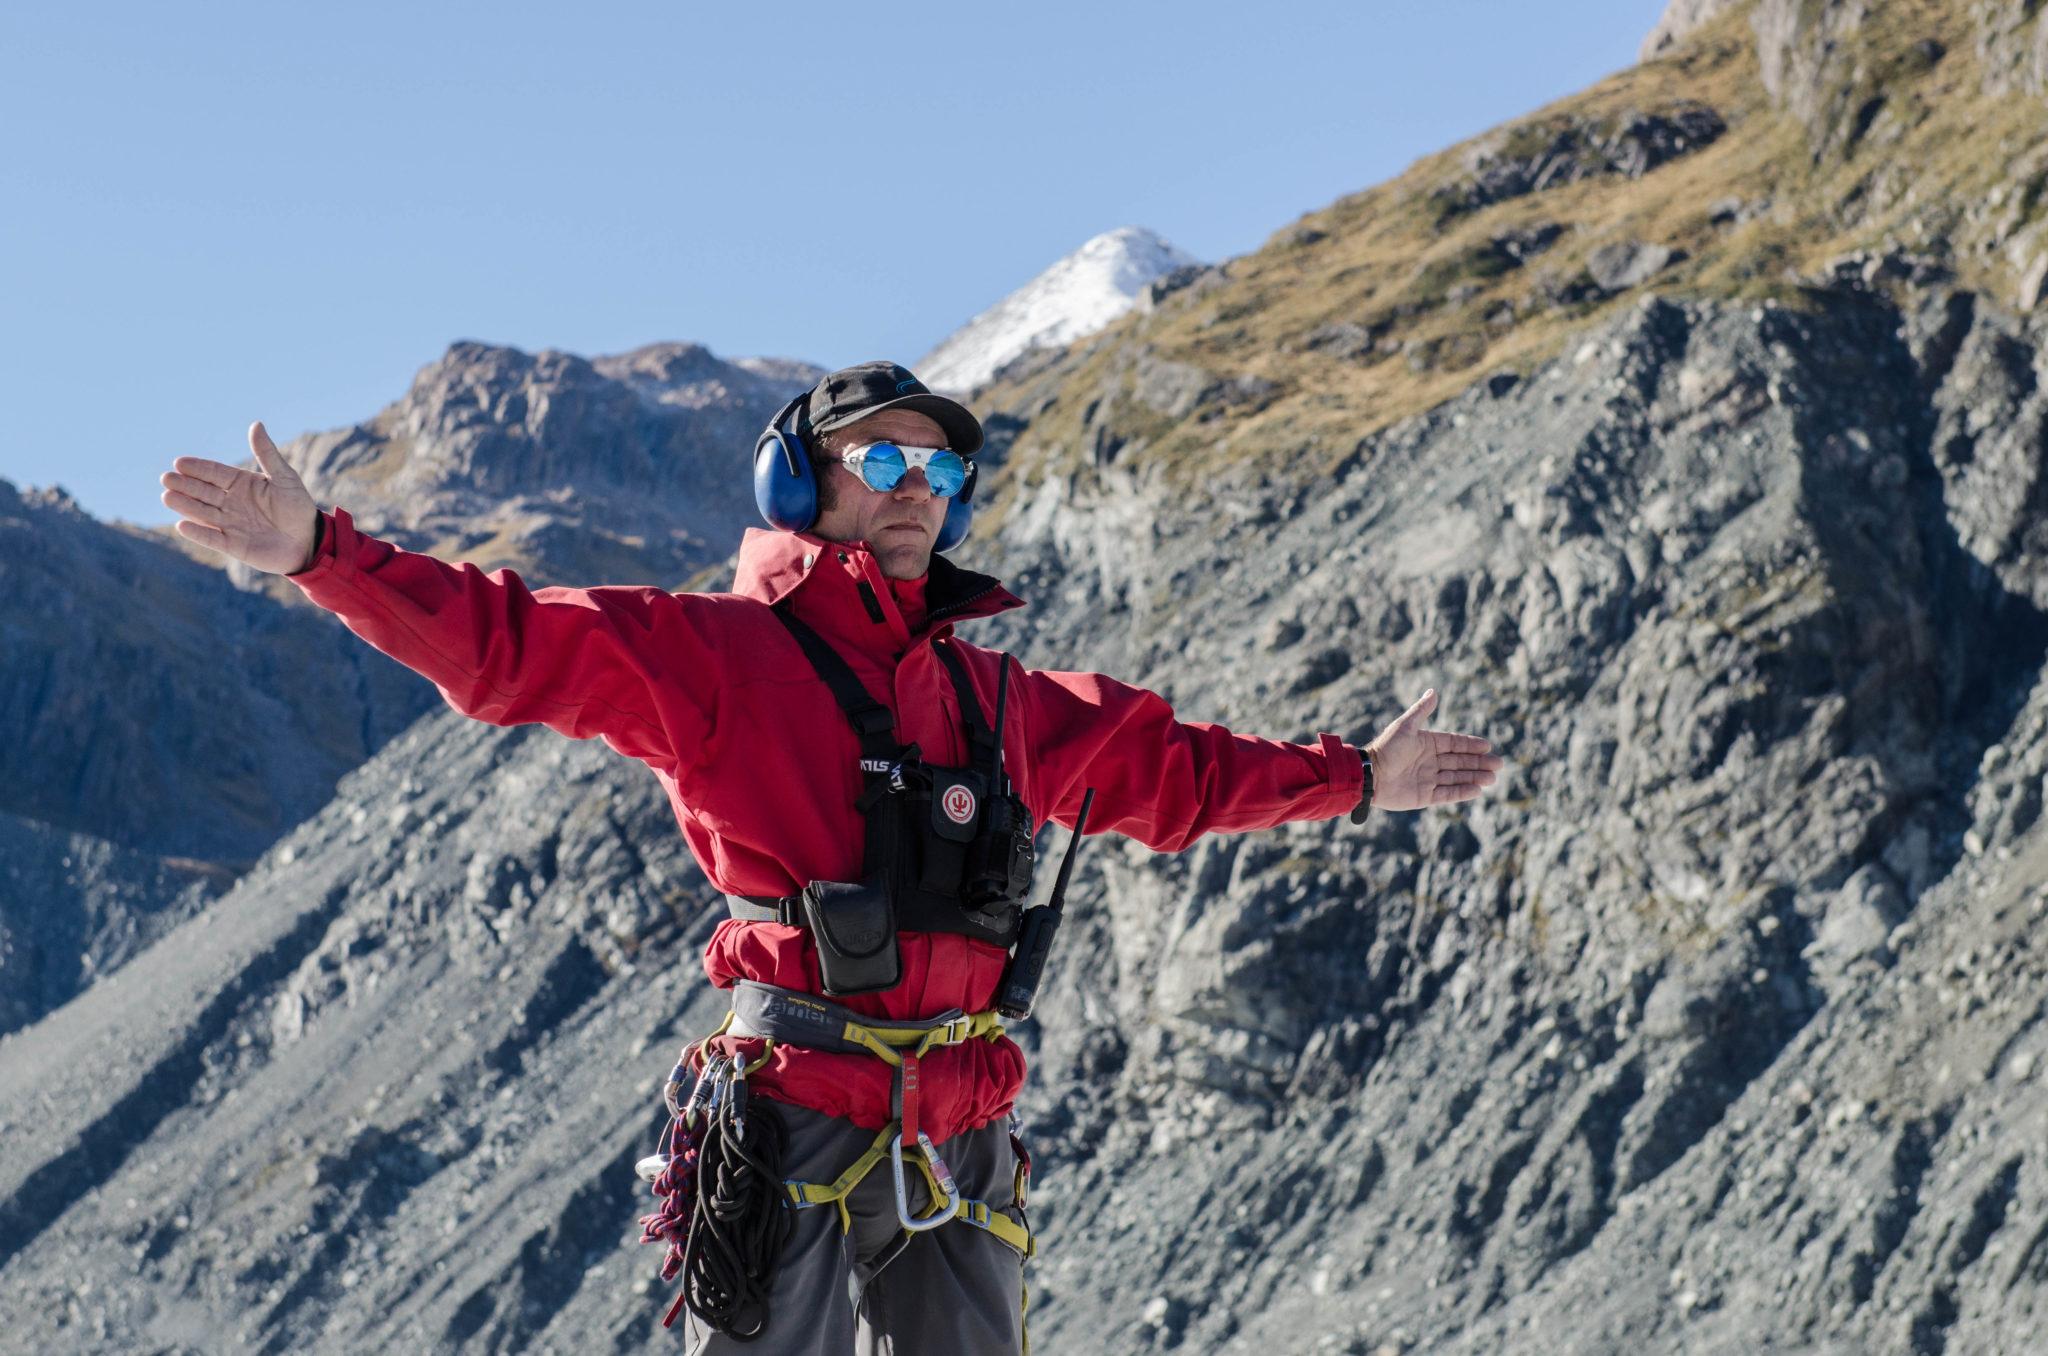 Mount Cook in Neuseeland bei einer Gletscherwanderung: Ant ist ein Profi auf dem Eis